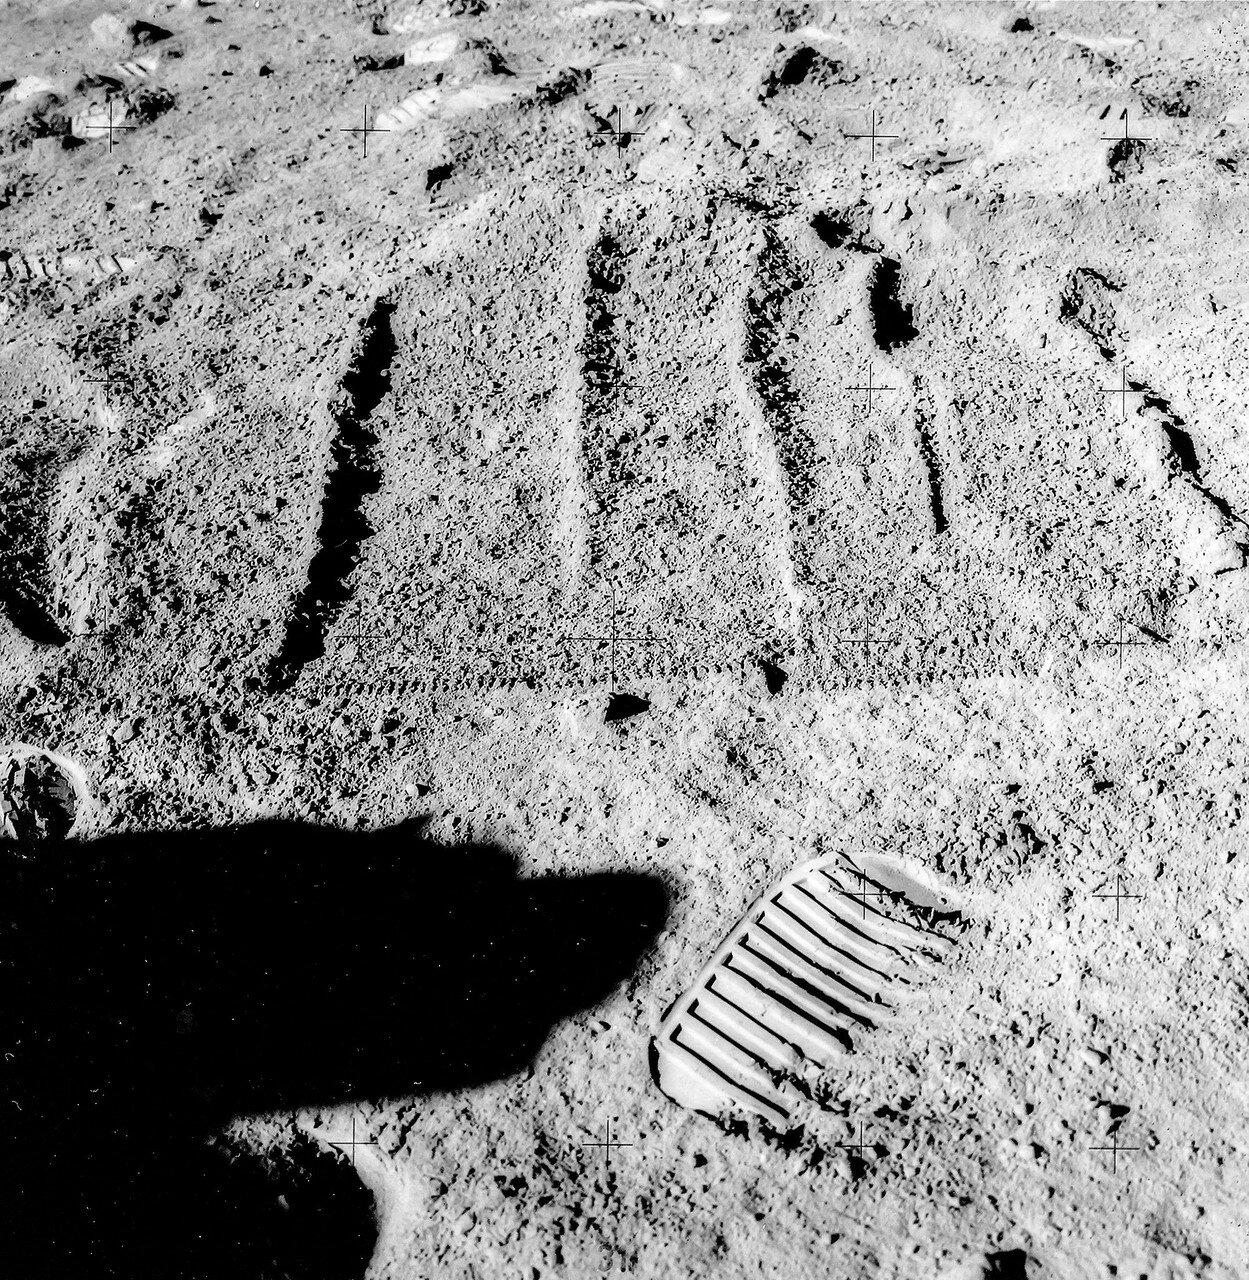 Скотт и Ирвин вернулись к лунному модулю через 4 часа 20 минут после начала первого выхода на поверхность и планировали посвятить остаток времени установке комплекта научных приборов ALSEP и бурению глубоких отверстий в грунте. На снимке: след от башмака астронавта